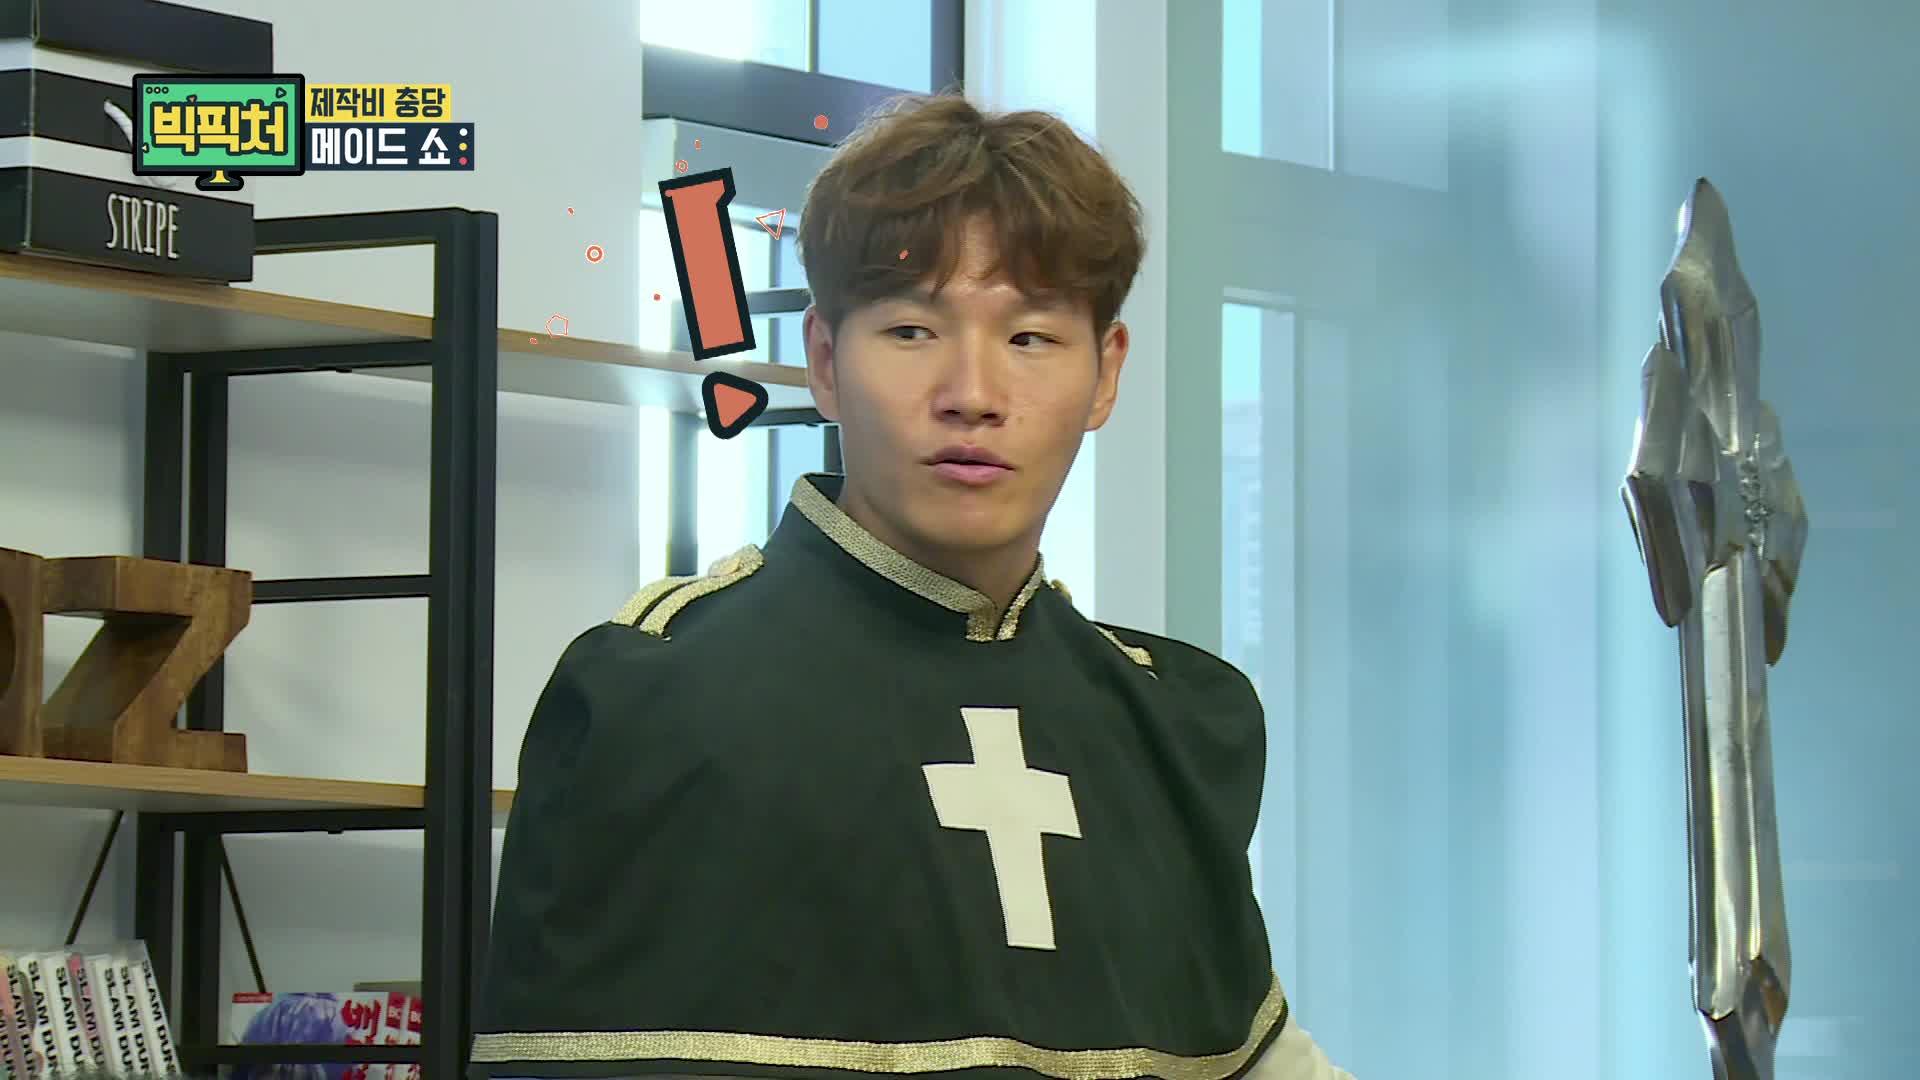 빅픽처 ep62_최후의 혈투 던전앤파이터 MC 너무 욕심나!!!